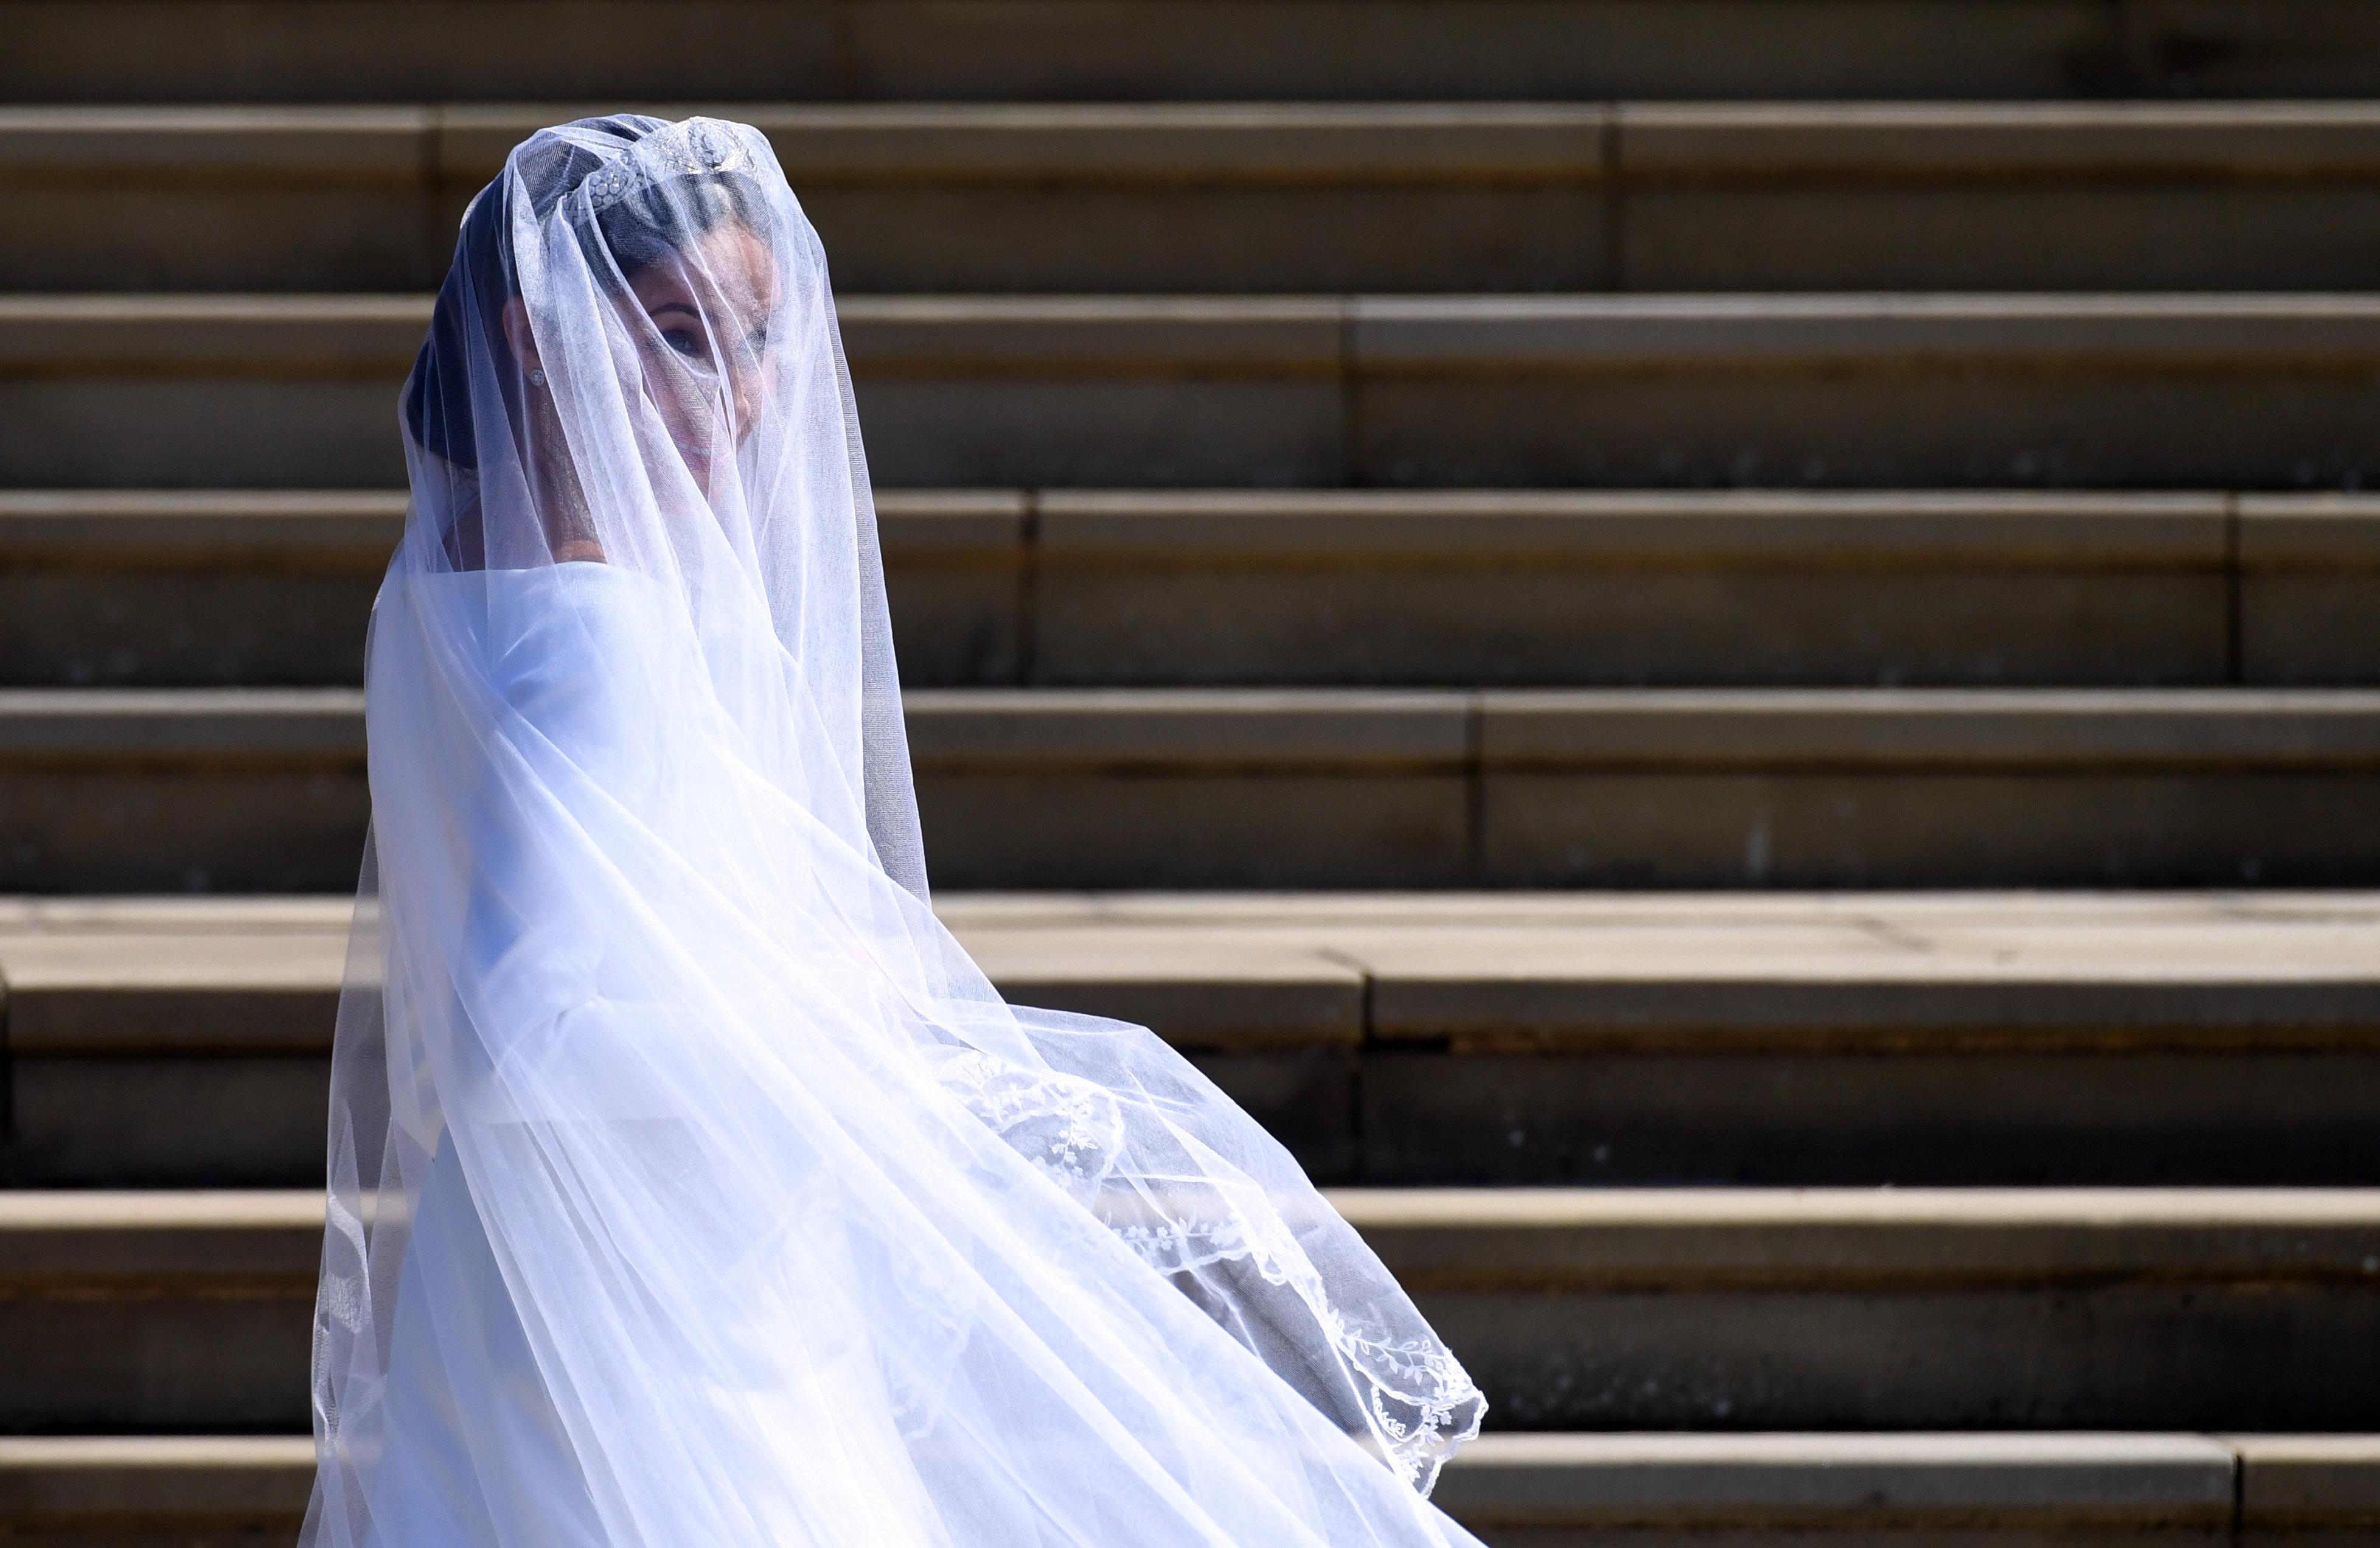 La boda del príncipe Harry y Meghan Markle